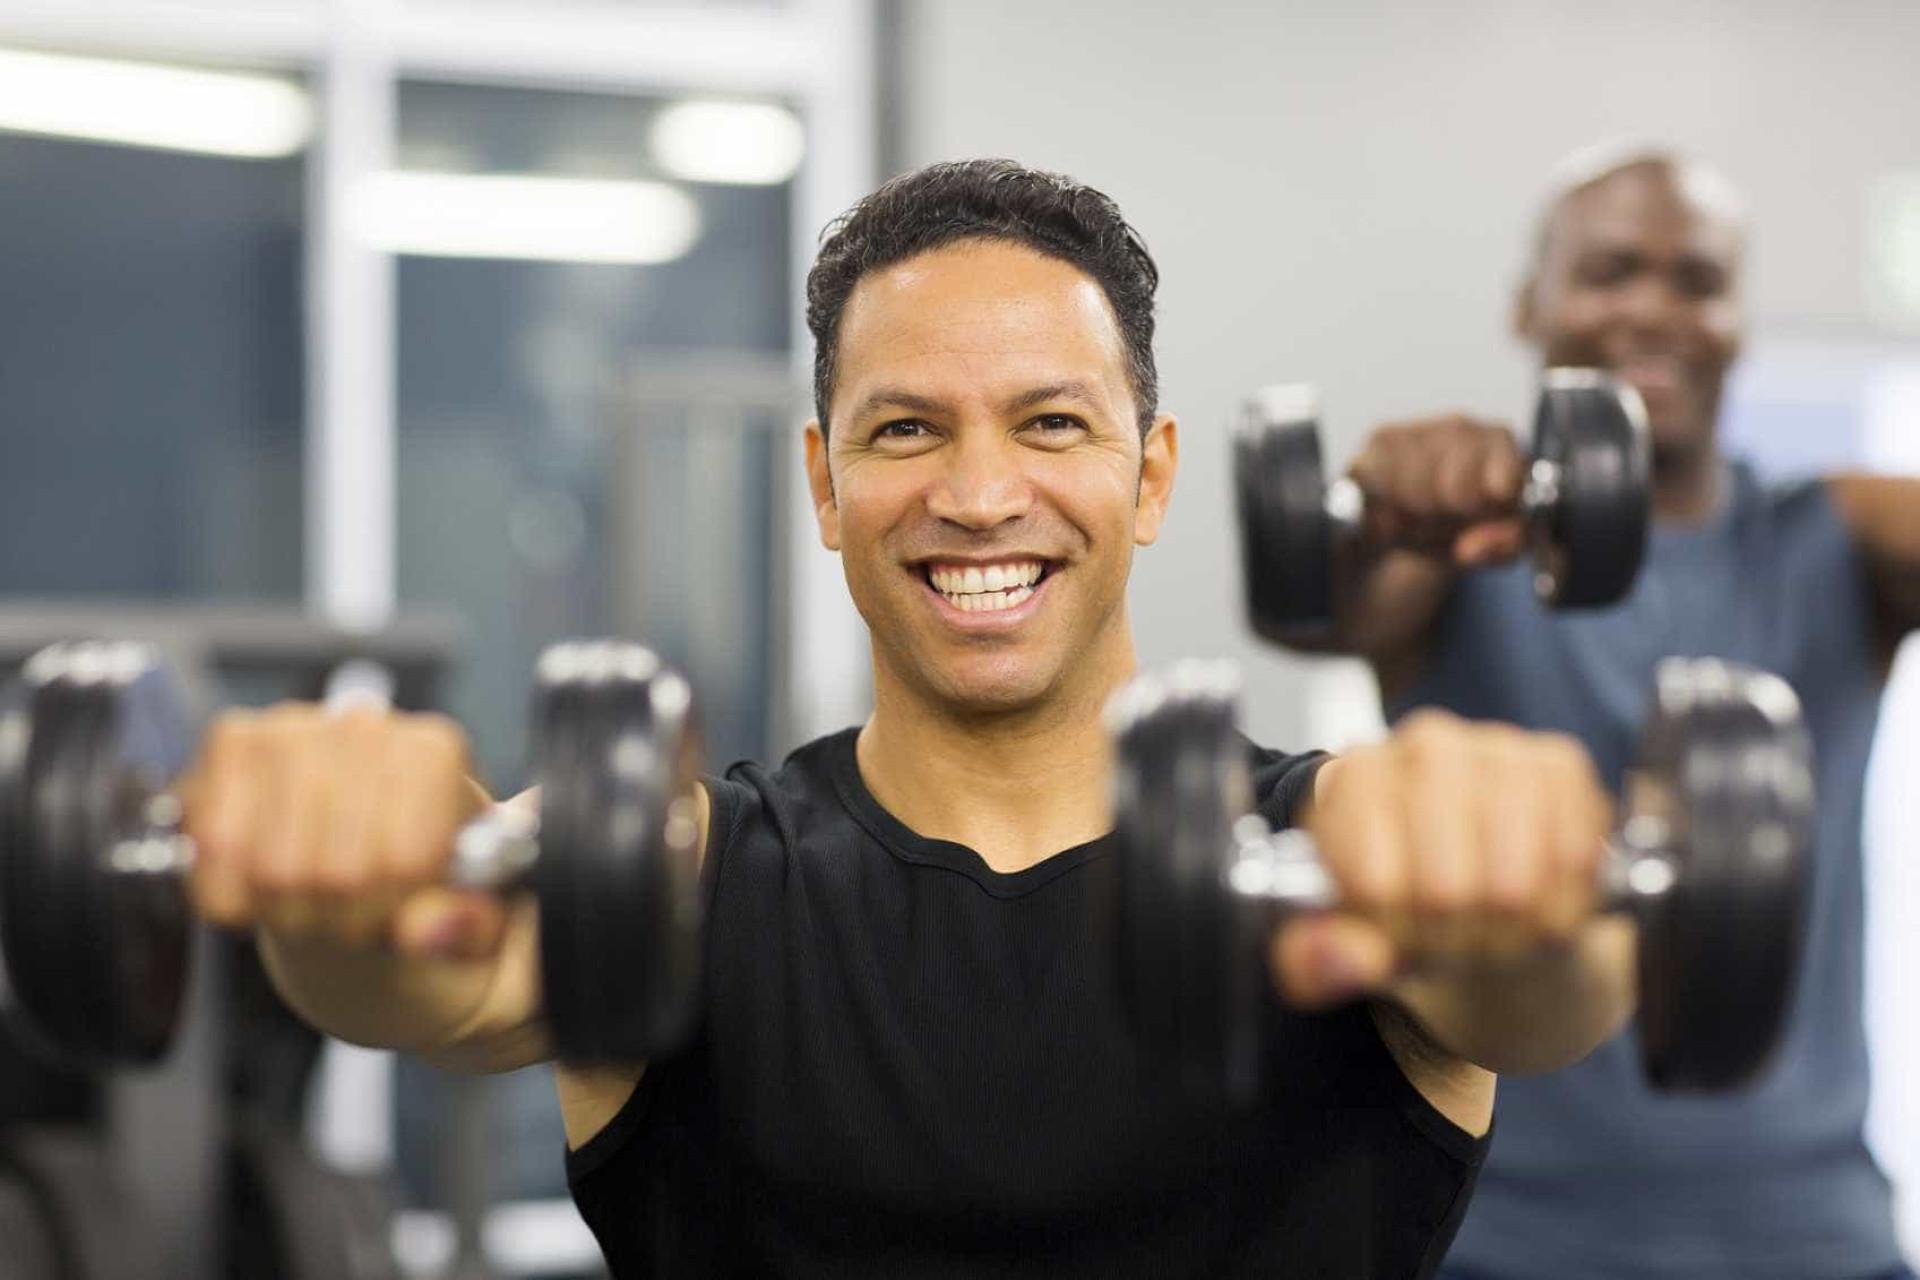 Estas 15 dicas vão ajudá-lo a conseguir treinar todos os dias